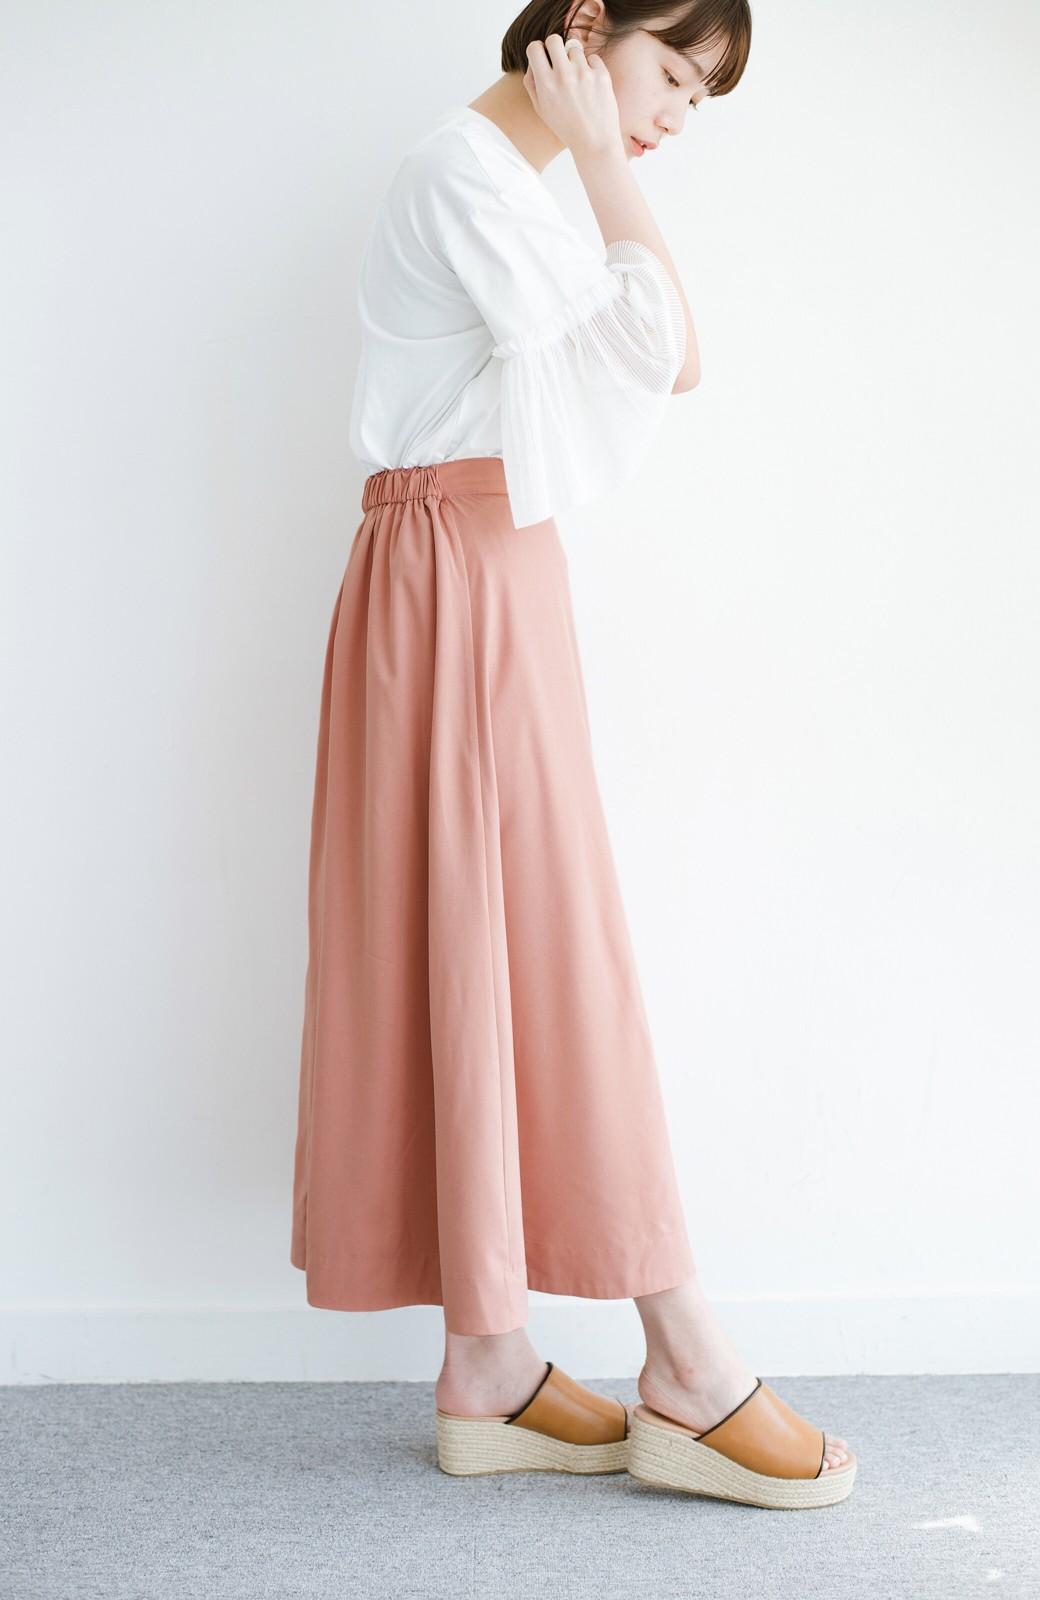 haco! オフィスにもデートにも! 便利なのはきれいに見えて楽ちんなリバーシブルスカート <ピンク系その他>の商品写真22